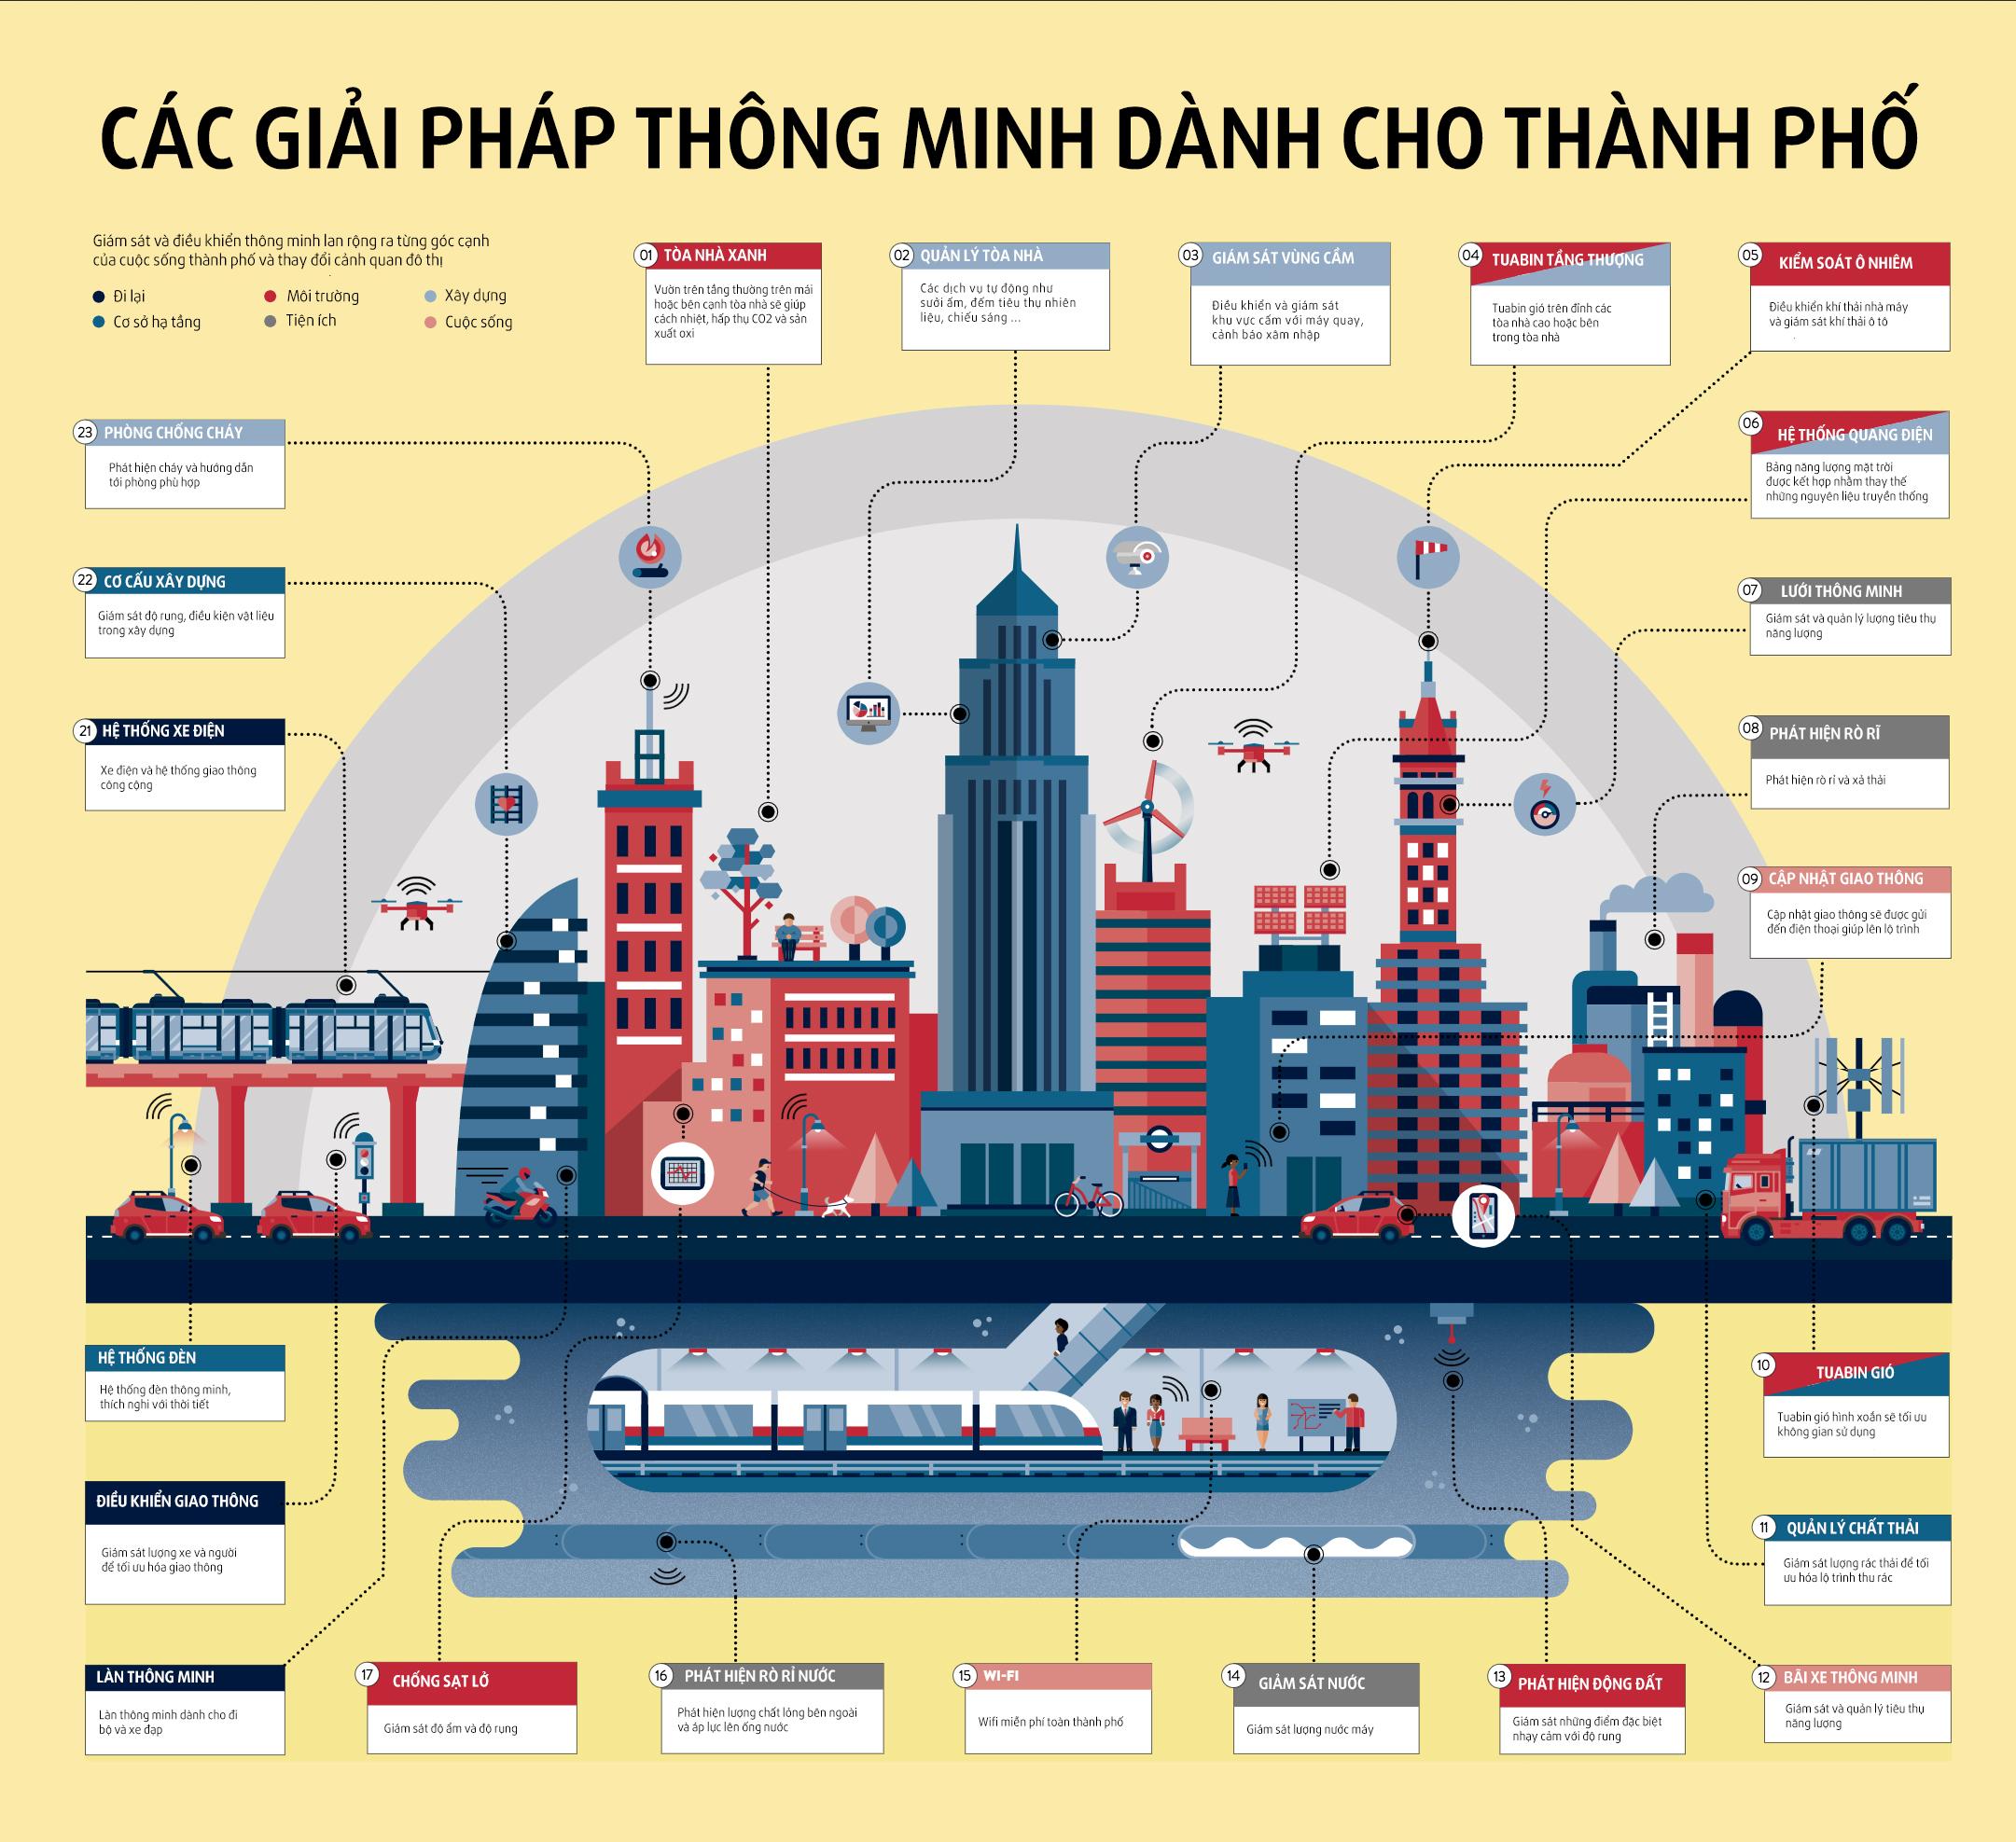 Xây dựng Thành phố thông minh như thế nào để có thể kết nối và phát triển Chính phủ điện tử (22/9/2018)